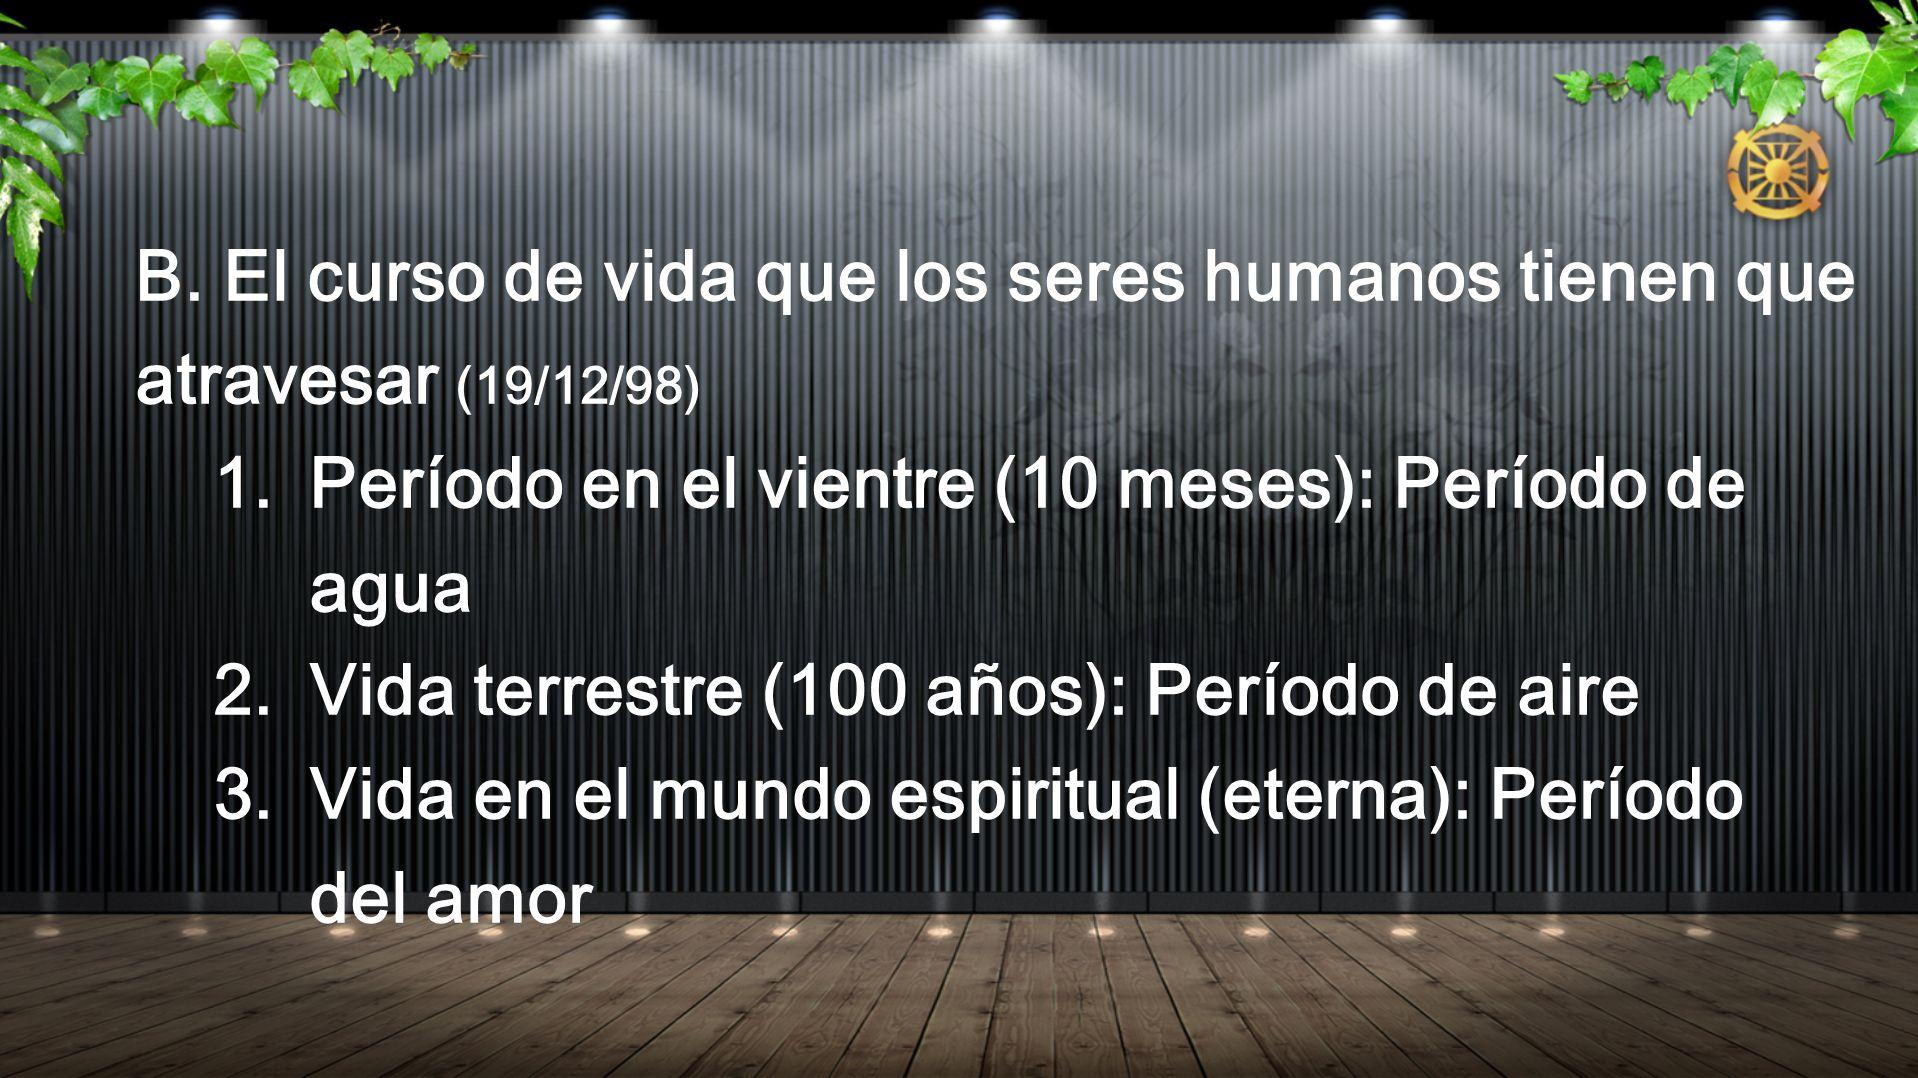 B. El curso de vida que los seres humanos tienen que atravesar (19/12/98) 1. Período en el vientre (10 meses): Período de agua 2. Vida terrestre (100